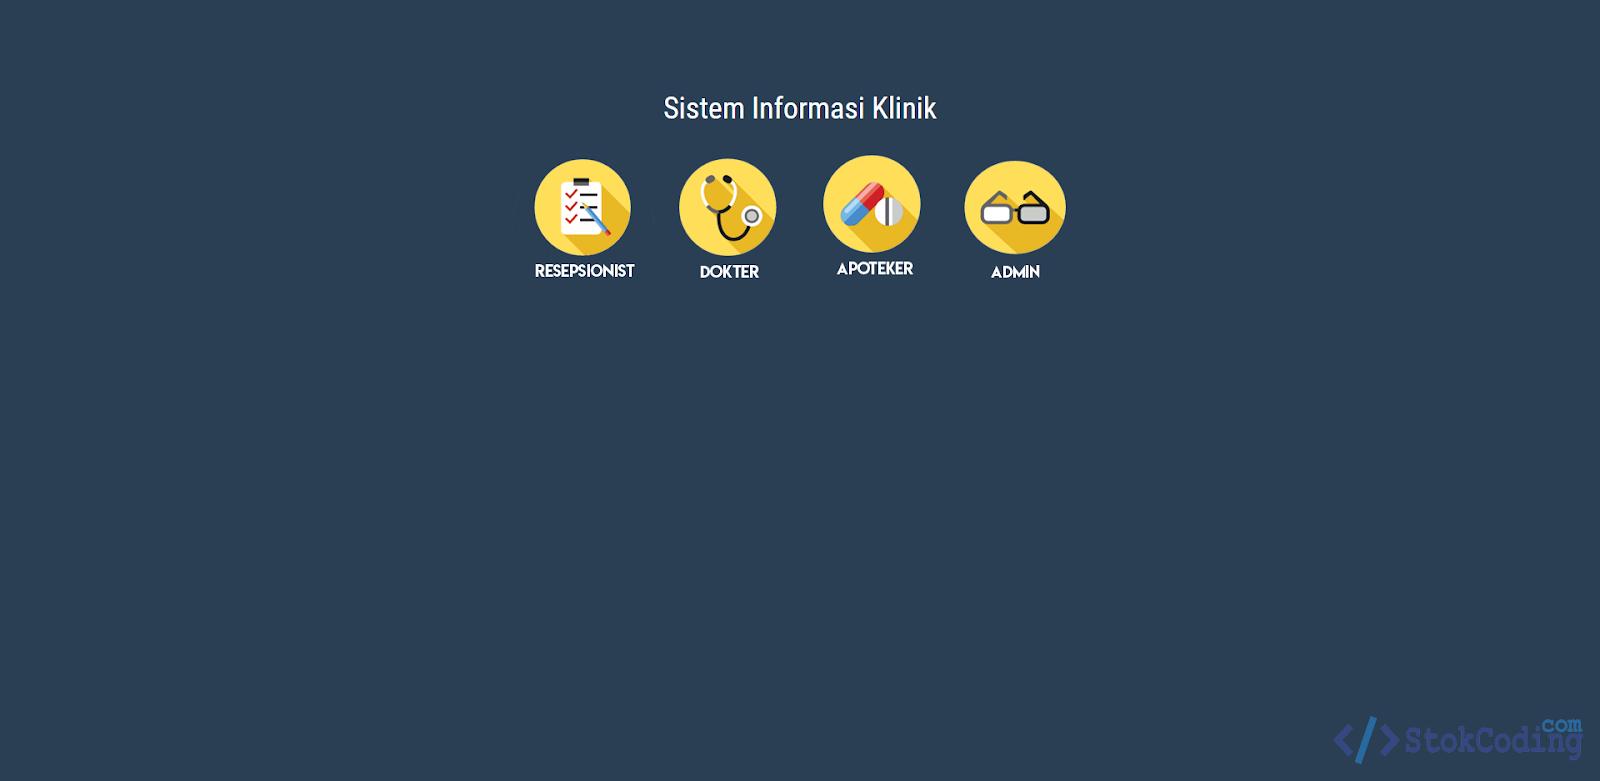 Sistem Informasi Klinik Berbasis Web (Laravel)